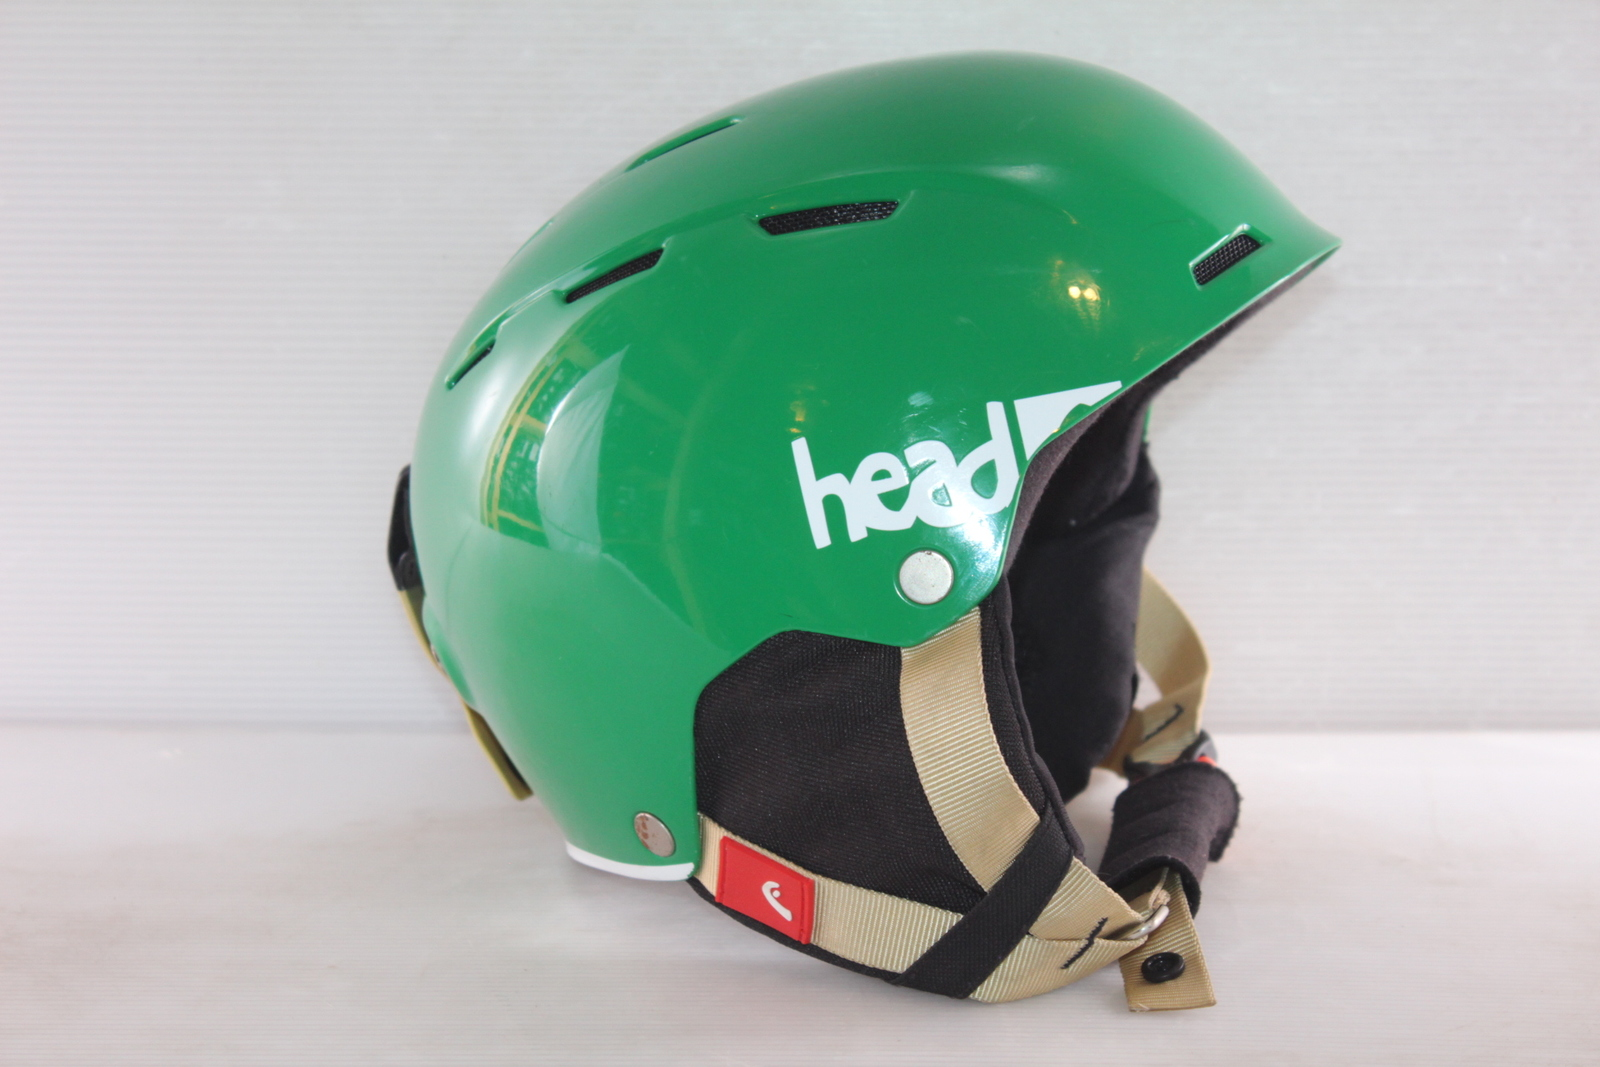 Dětská lyžařská helma Head Air Youth Green - posuvná vel. 56 - 59